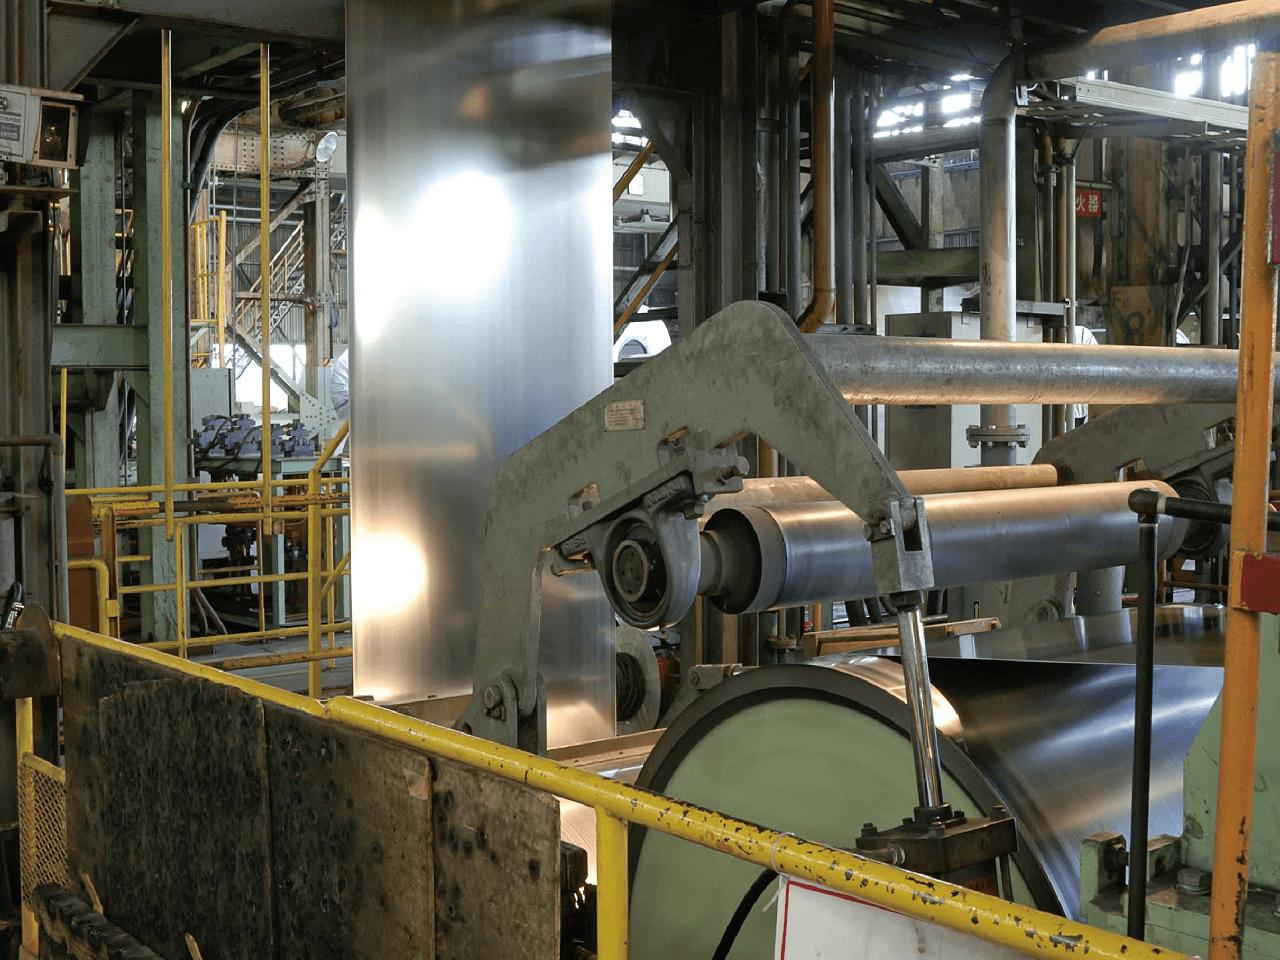 Kanada Paslanmaz Çelik Damping Soruşturmasında Türk Firmasına Muafiyet